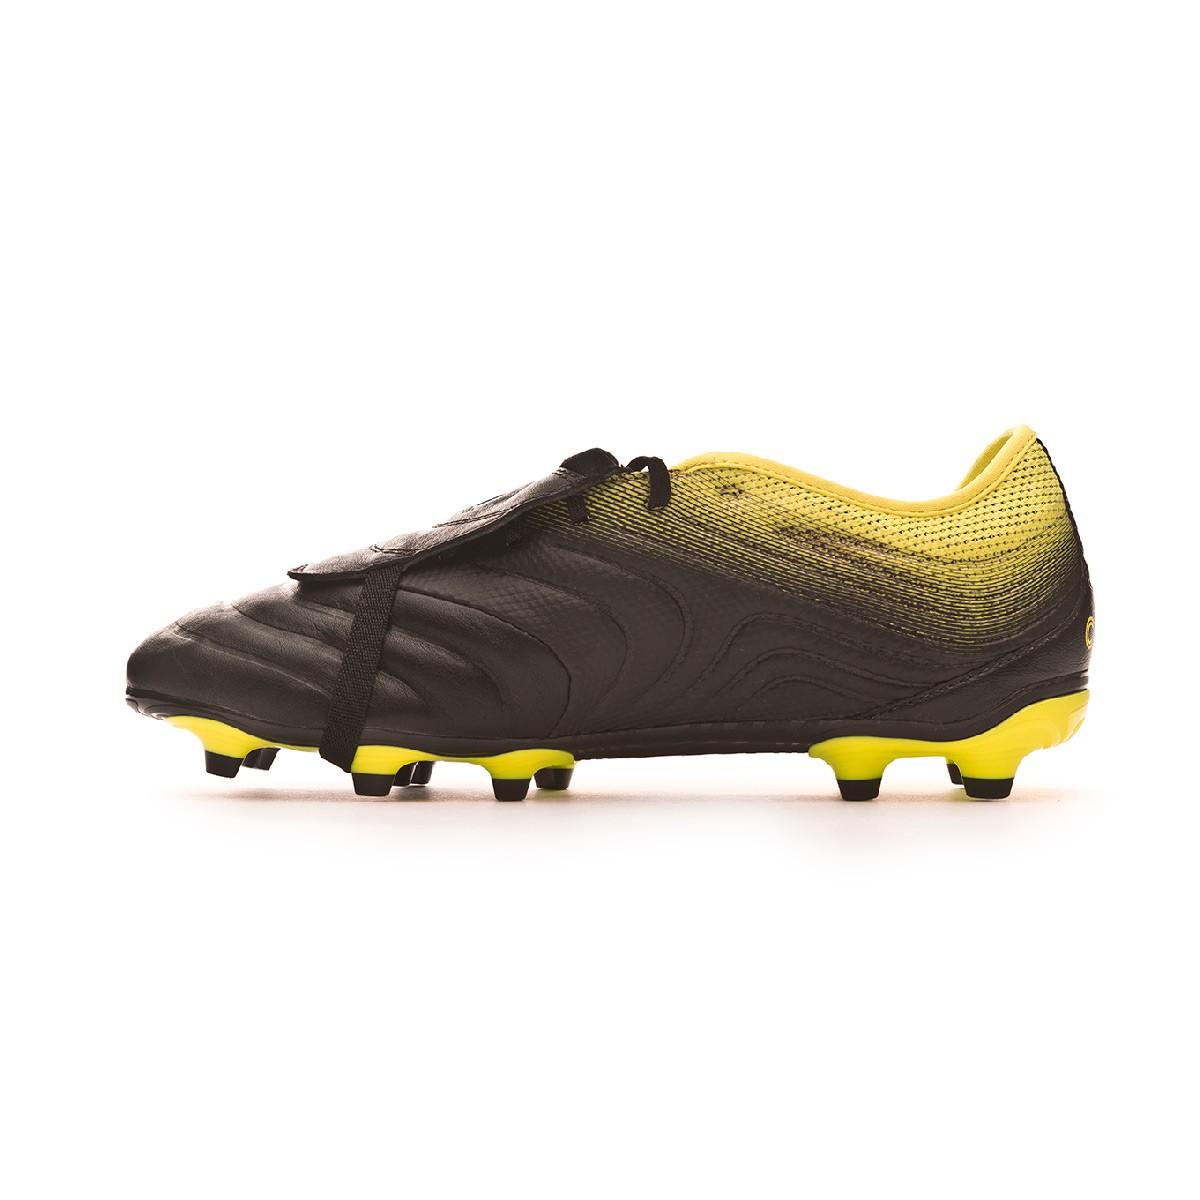 productos quimicos civilización Perezoso  Football Boots adidas Copa Gloro 19.2 FG Core black-Solar yellow-Core black  - Football store Fútbol Emotion